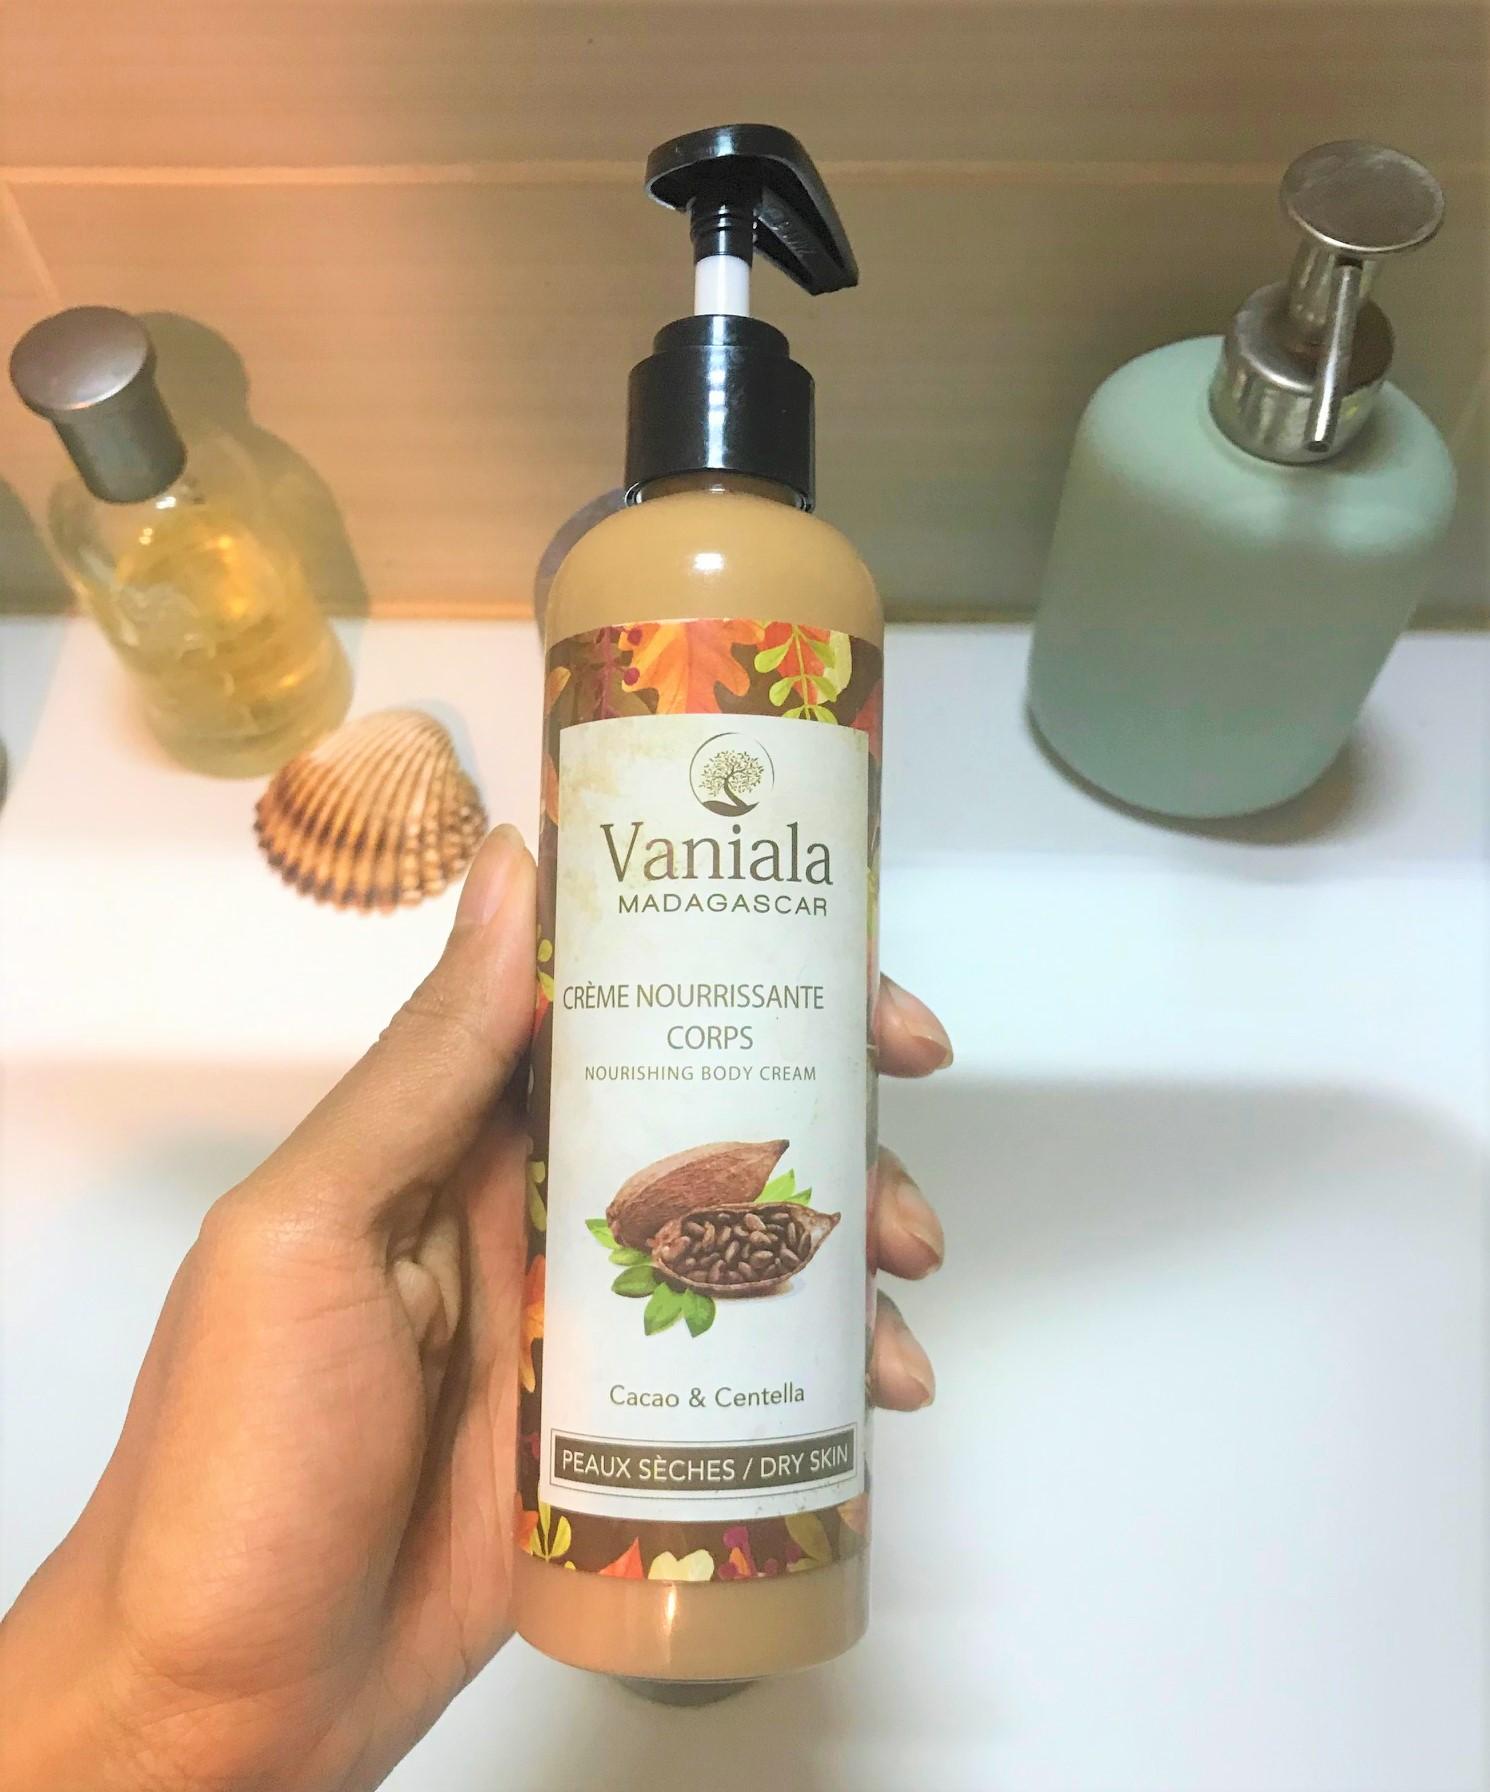 la crème nourrissante vaniala au cacao